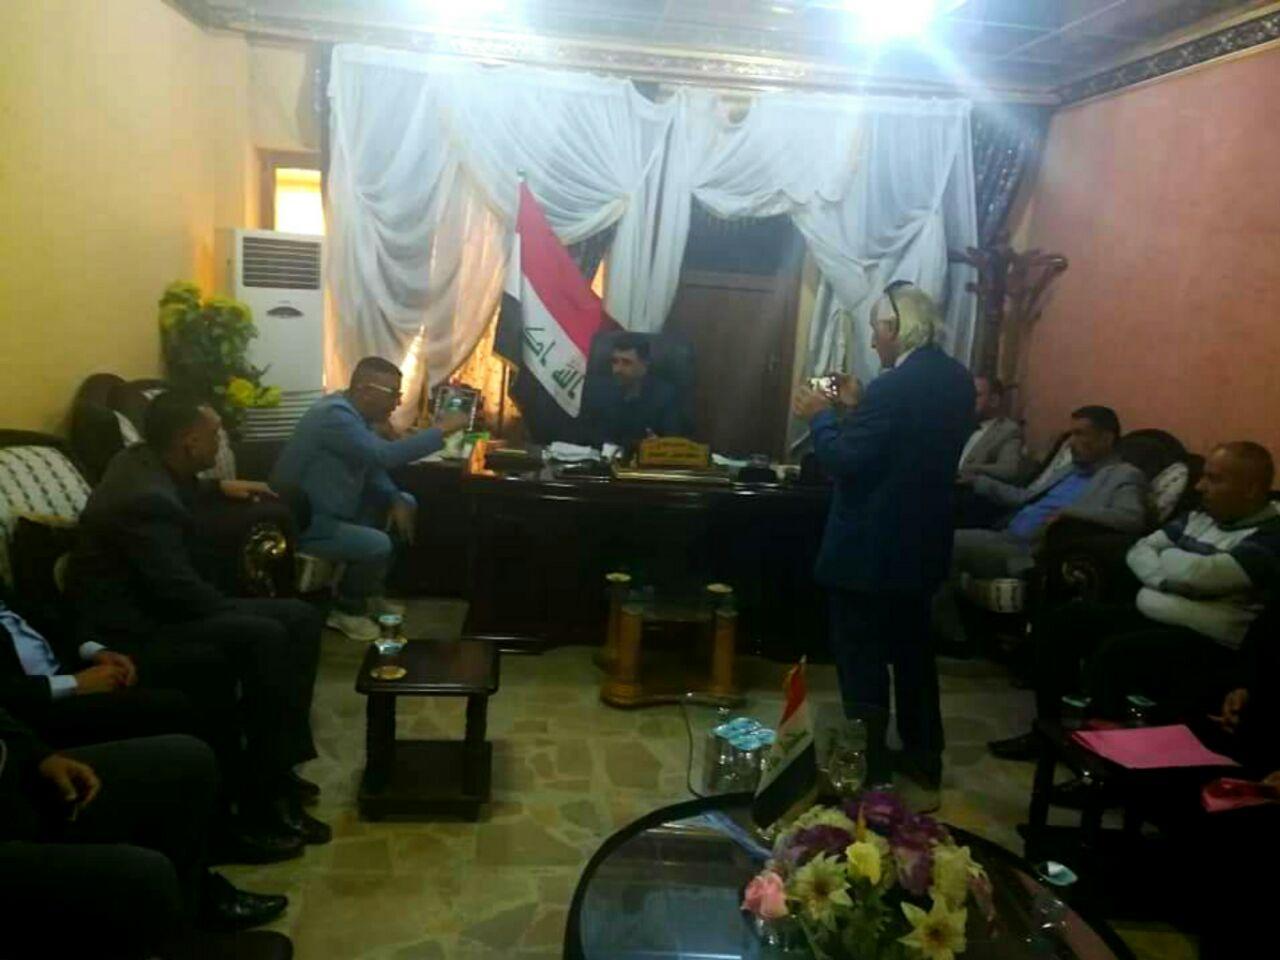 رئيس لجنة حقوق الإنسان يلتقي بعدد من المتظاهرين للاستماع لمطالبهم